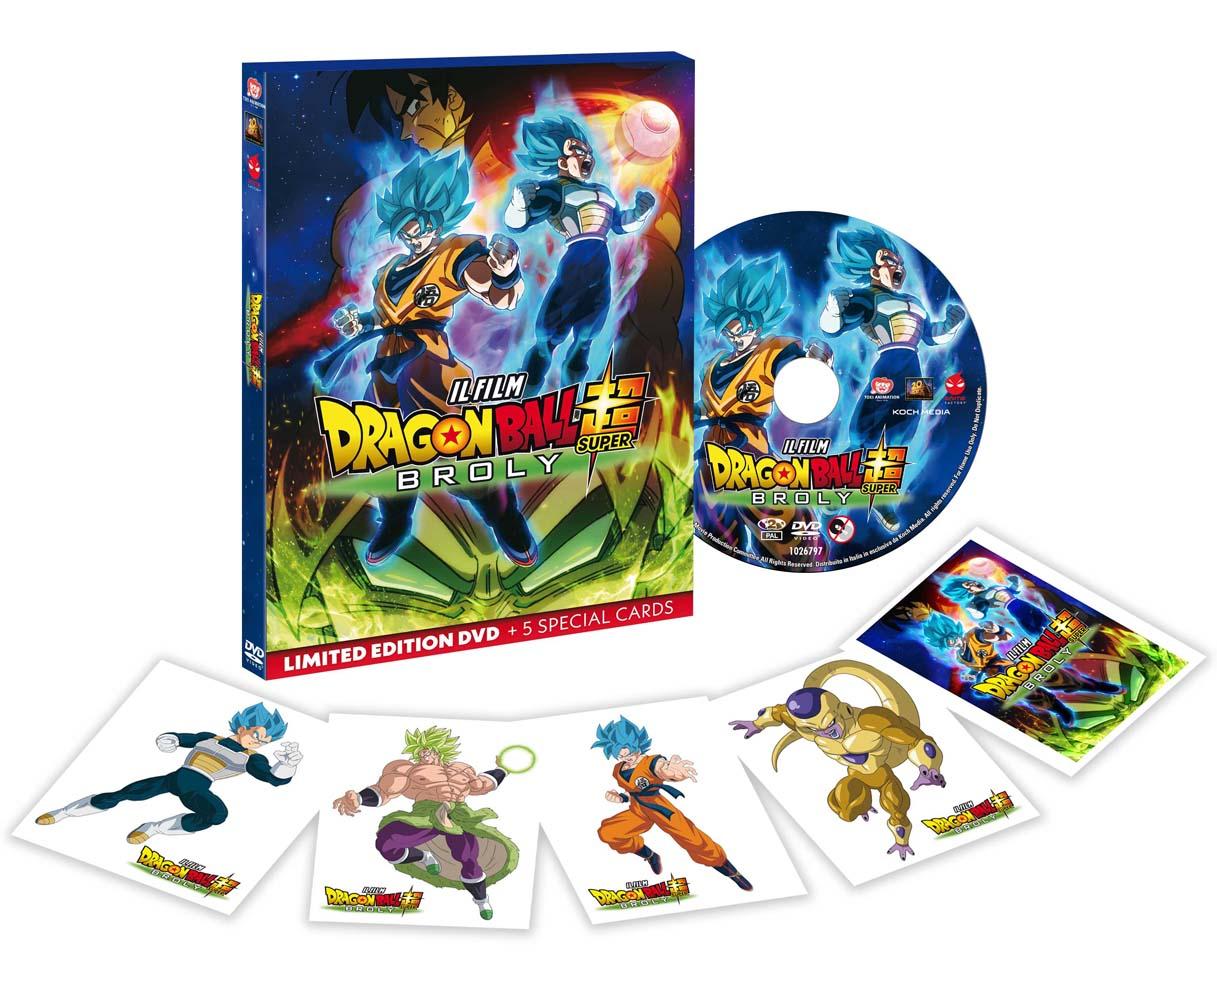 DRAGON BALL SUPER - BROLY (DVD)